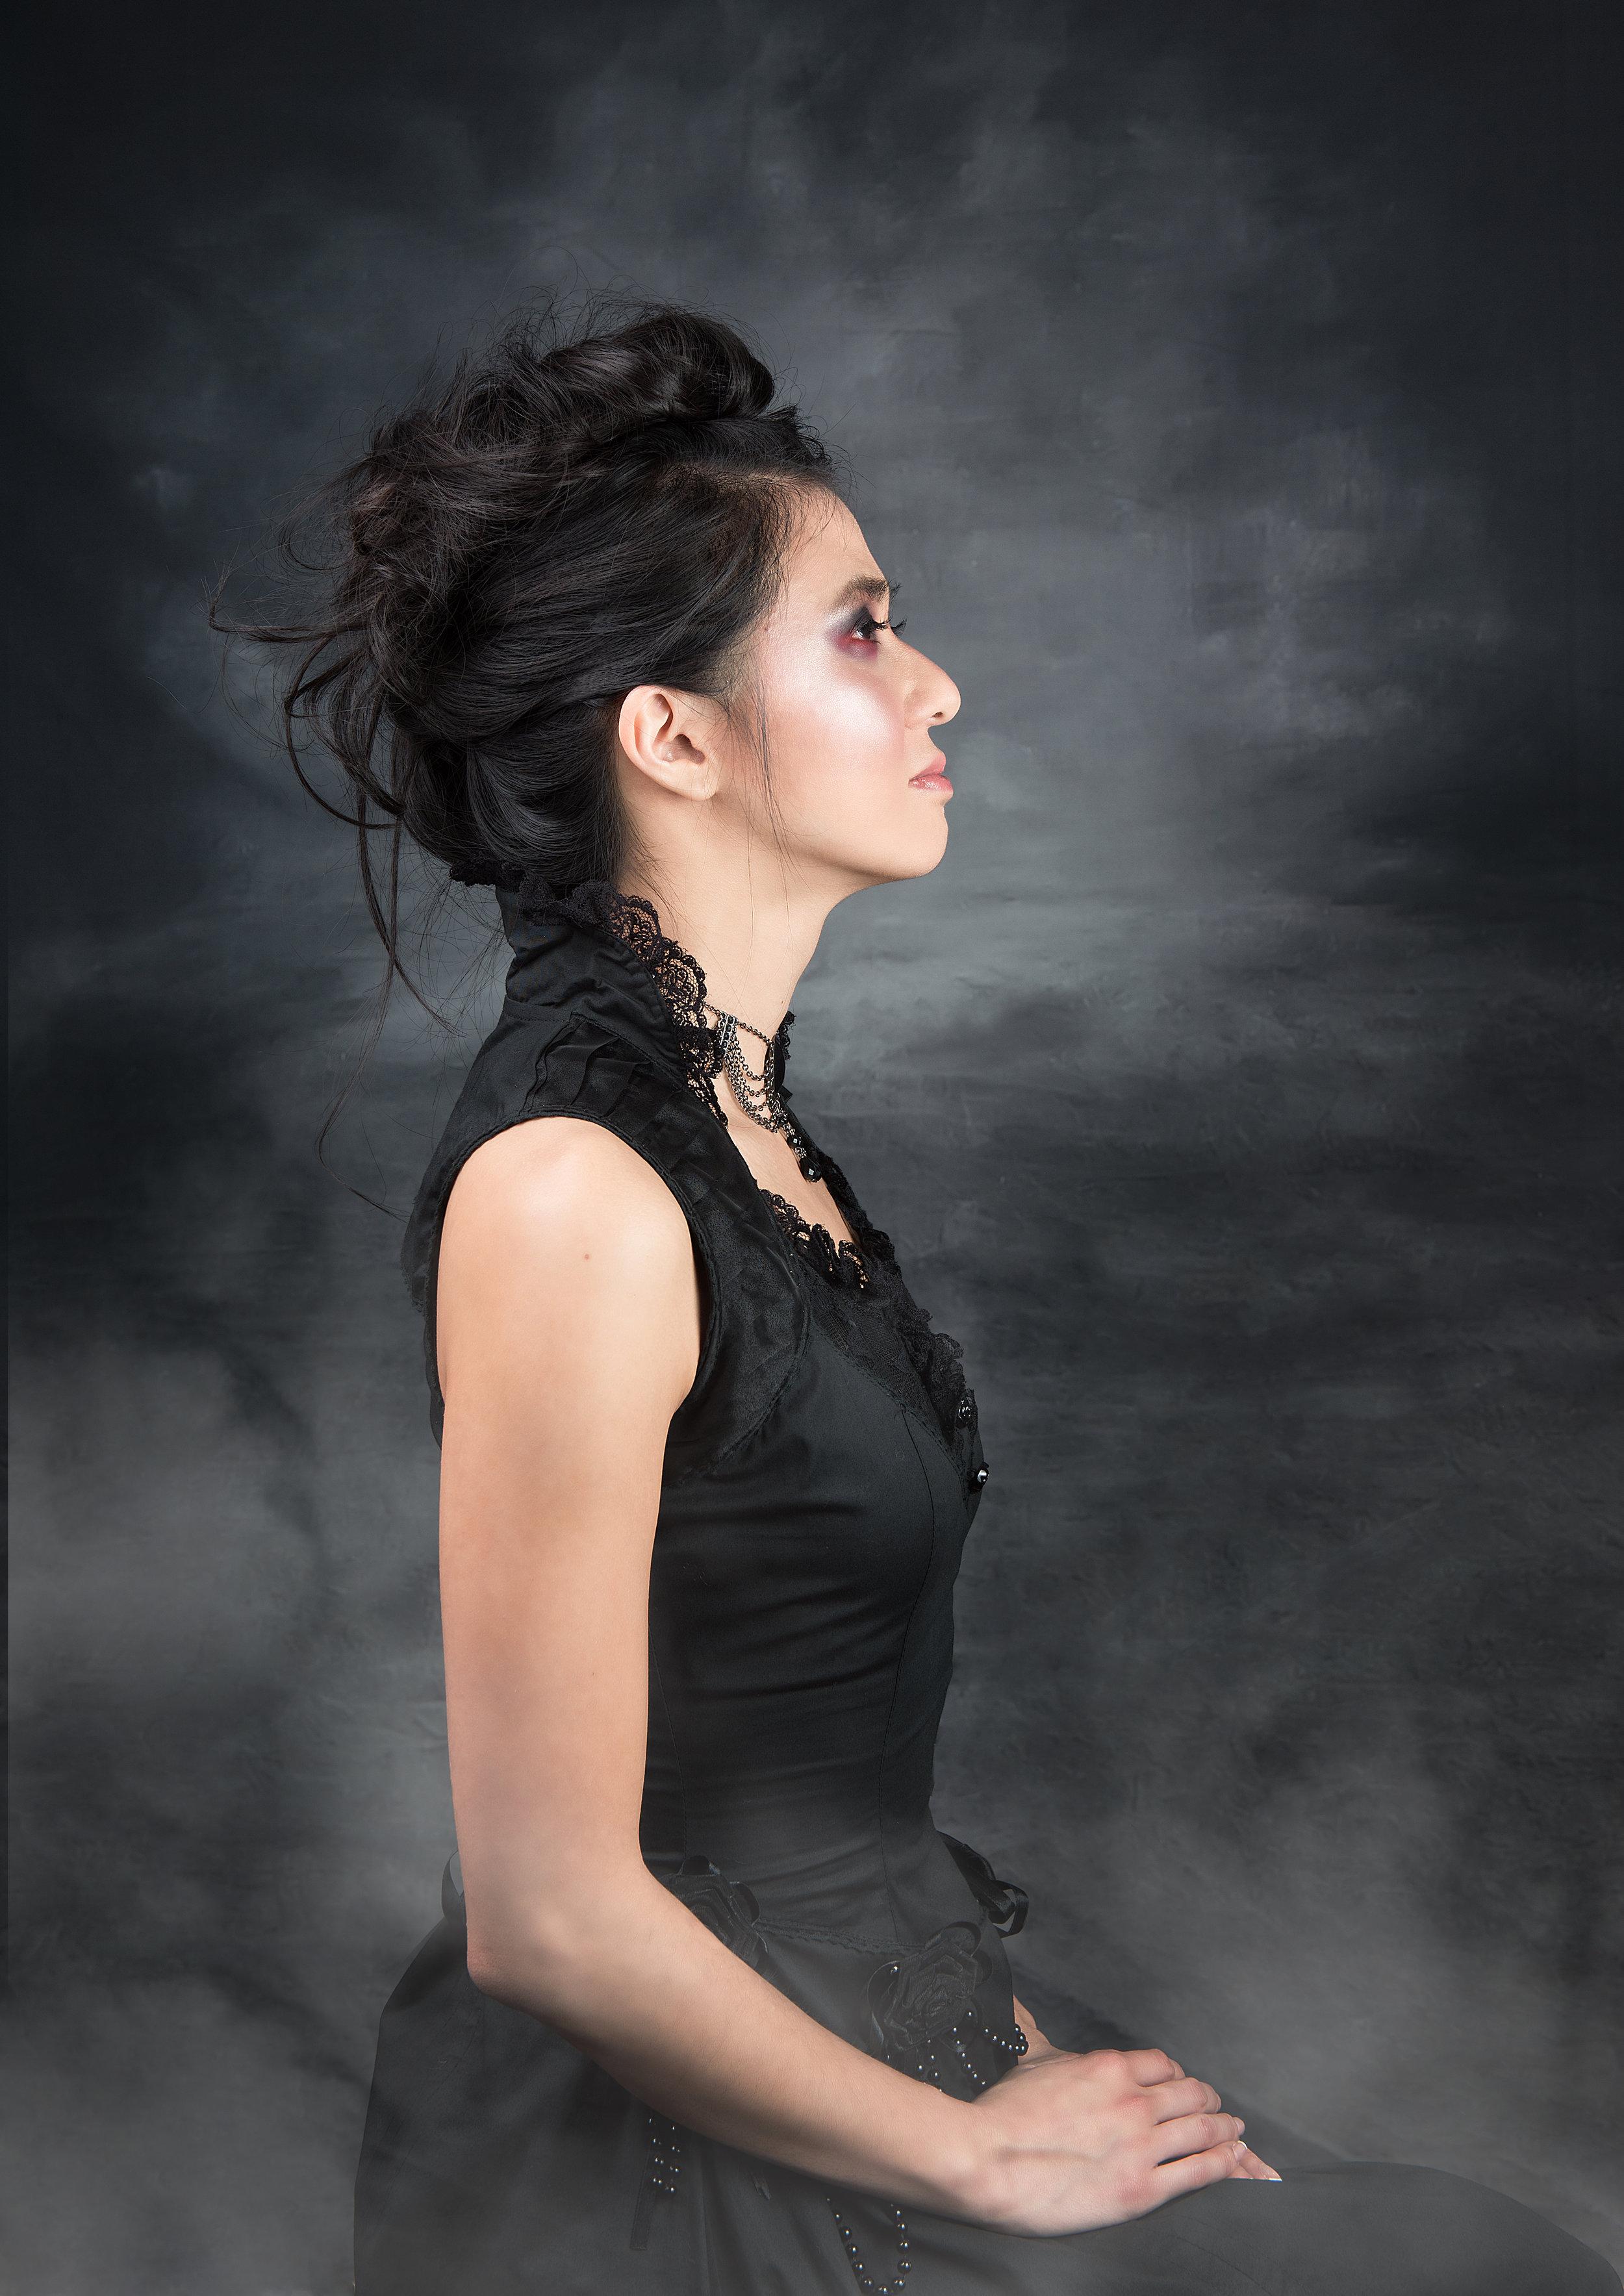 Victorian Goth Profile